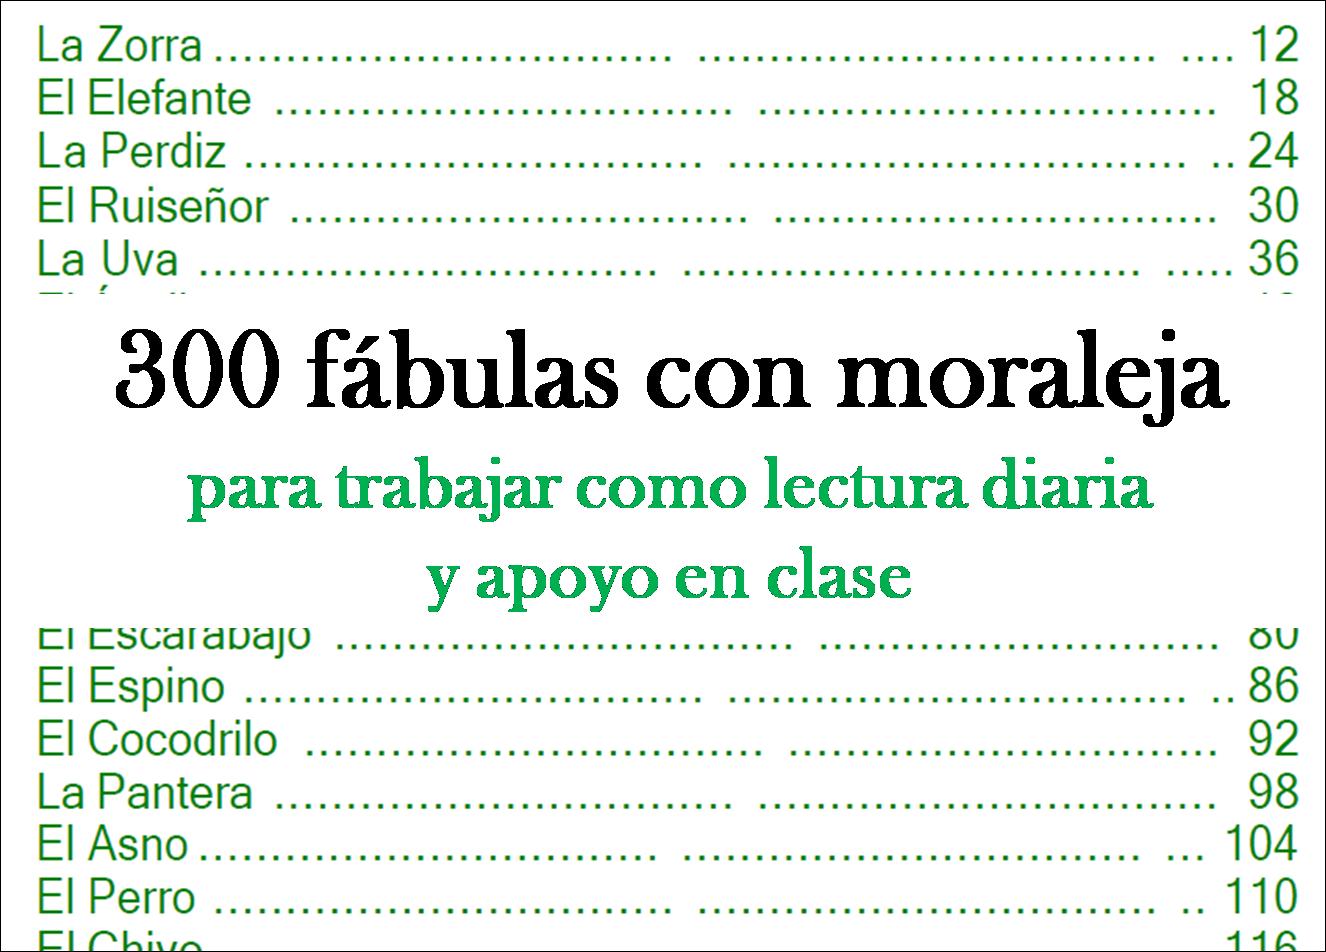 300 fábulas con moraleja para fomentar el gusto por la lectura